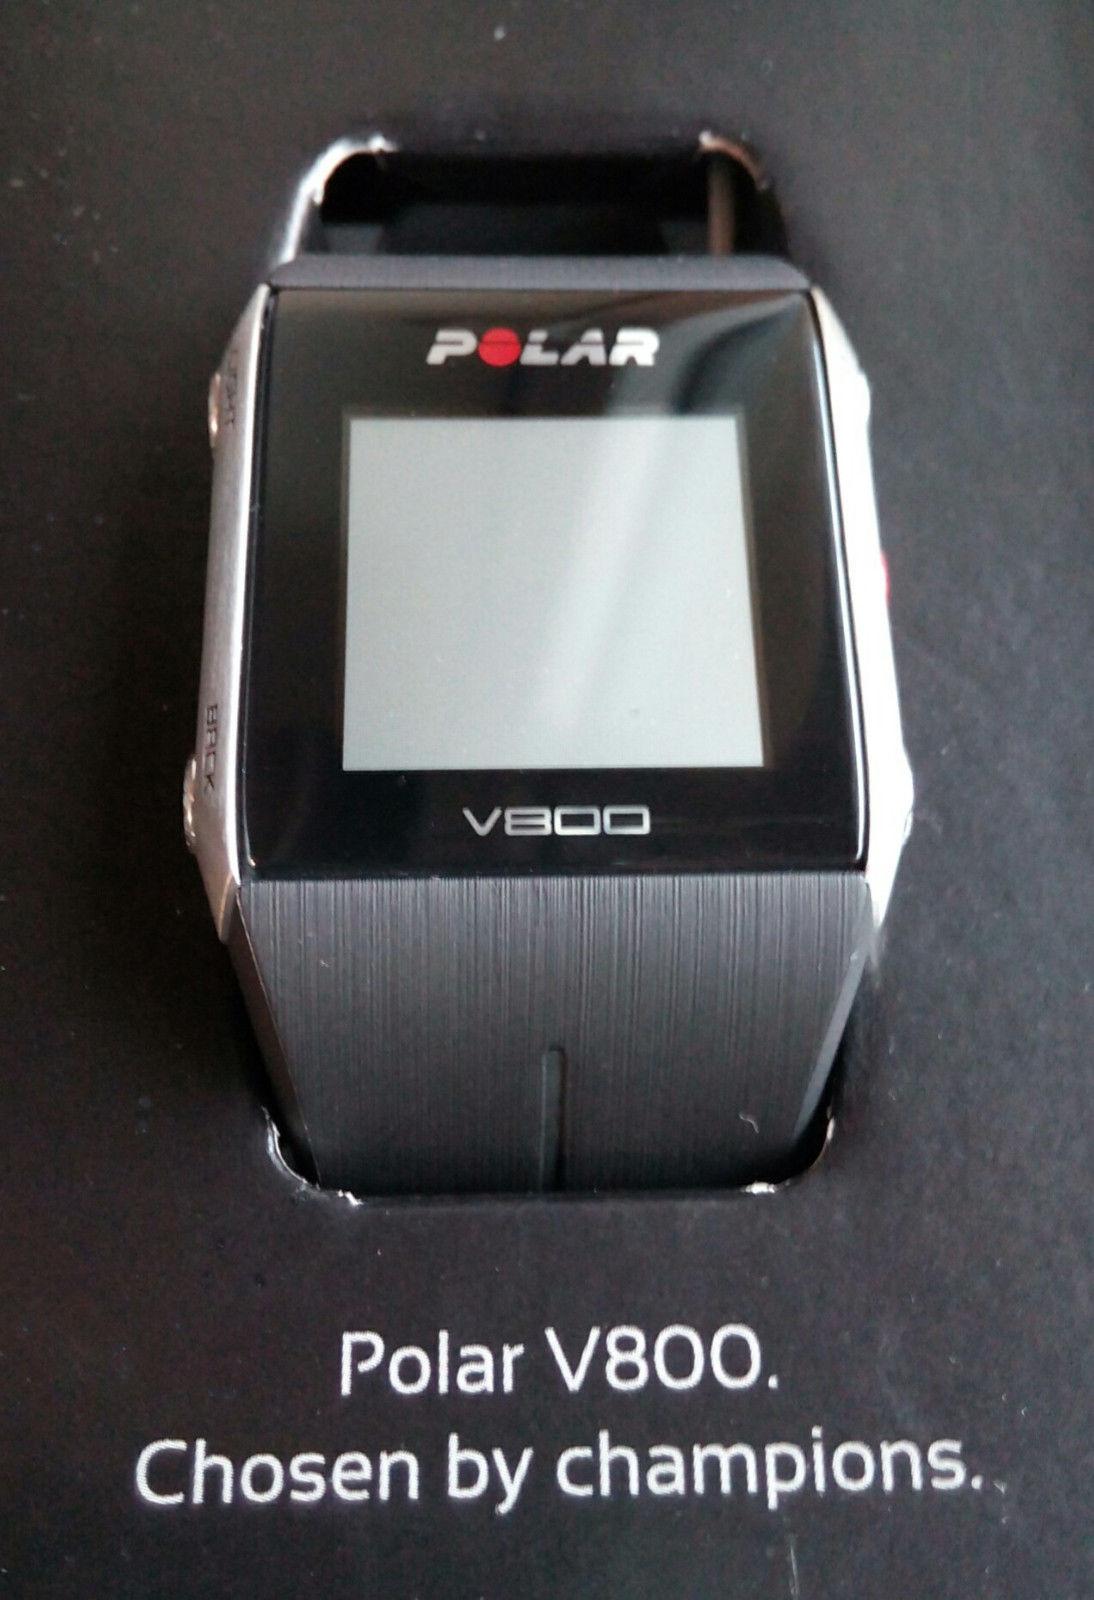 Polar V800 GPS incl. H7, neuer Elektrodengurt, neues Ladekabel - TOP Zustand!!!